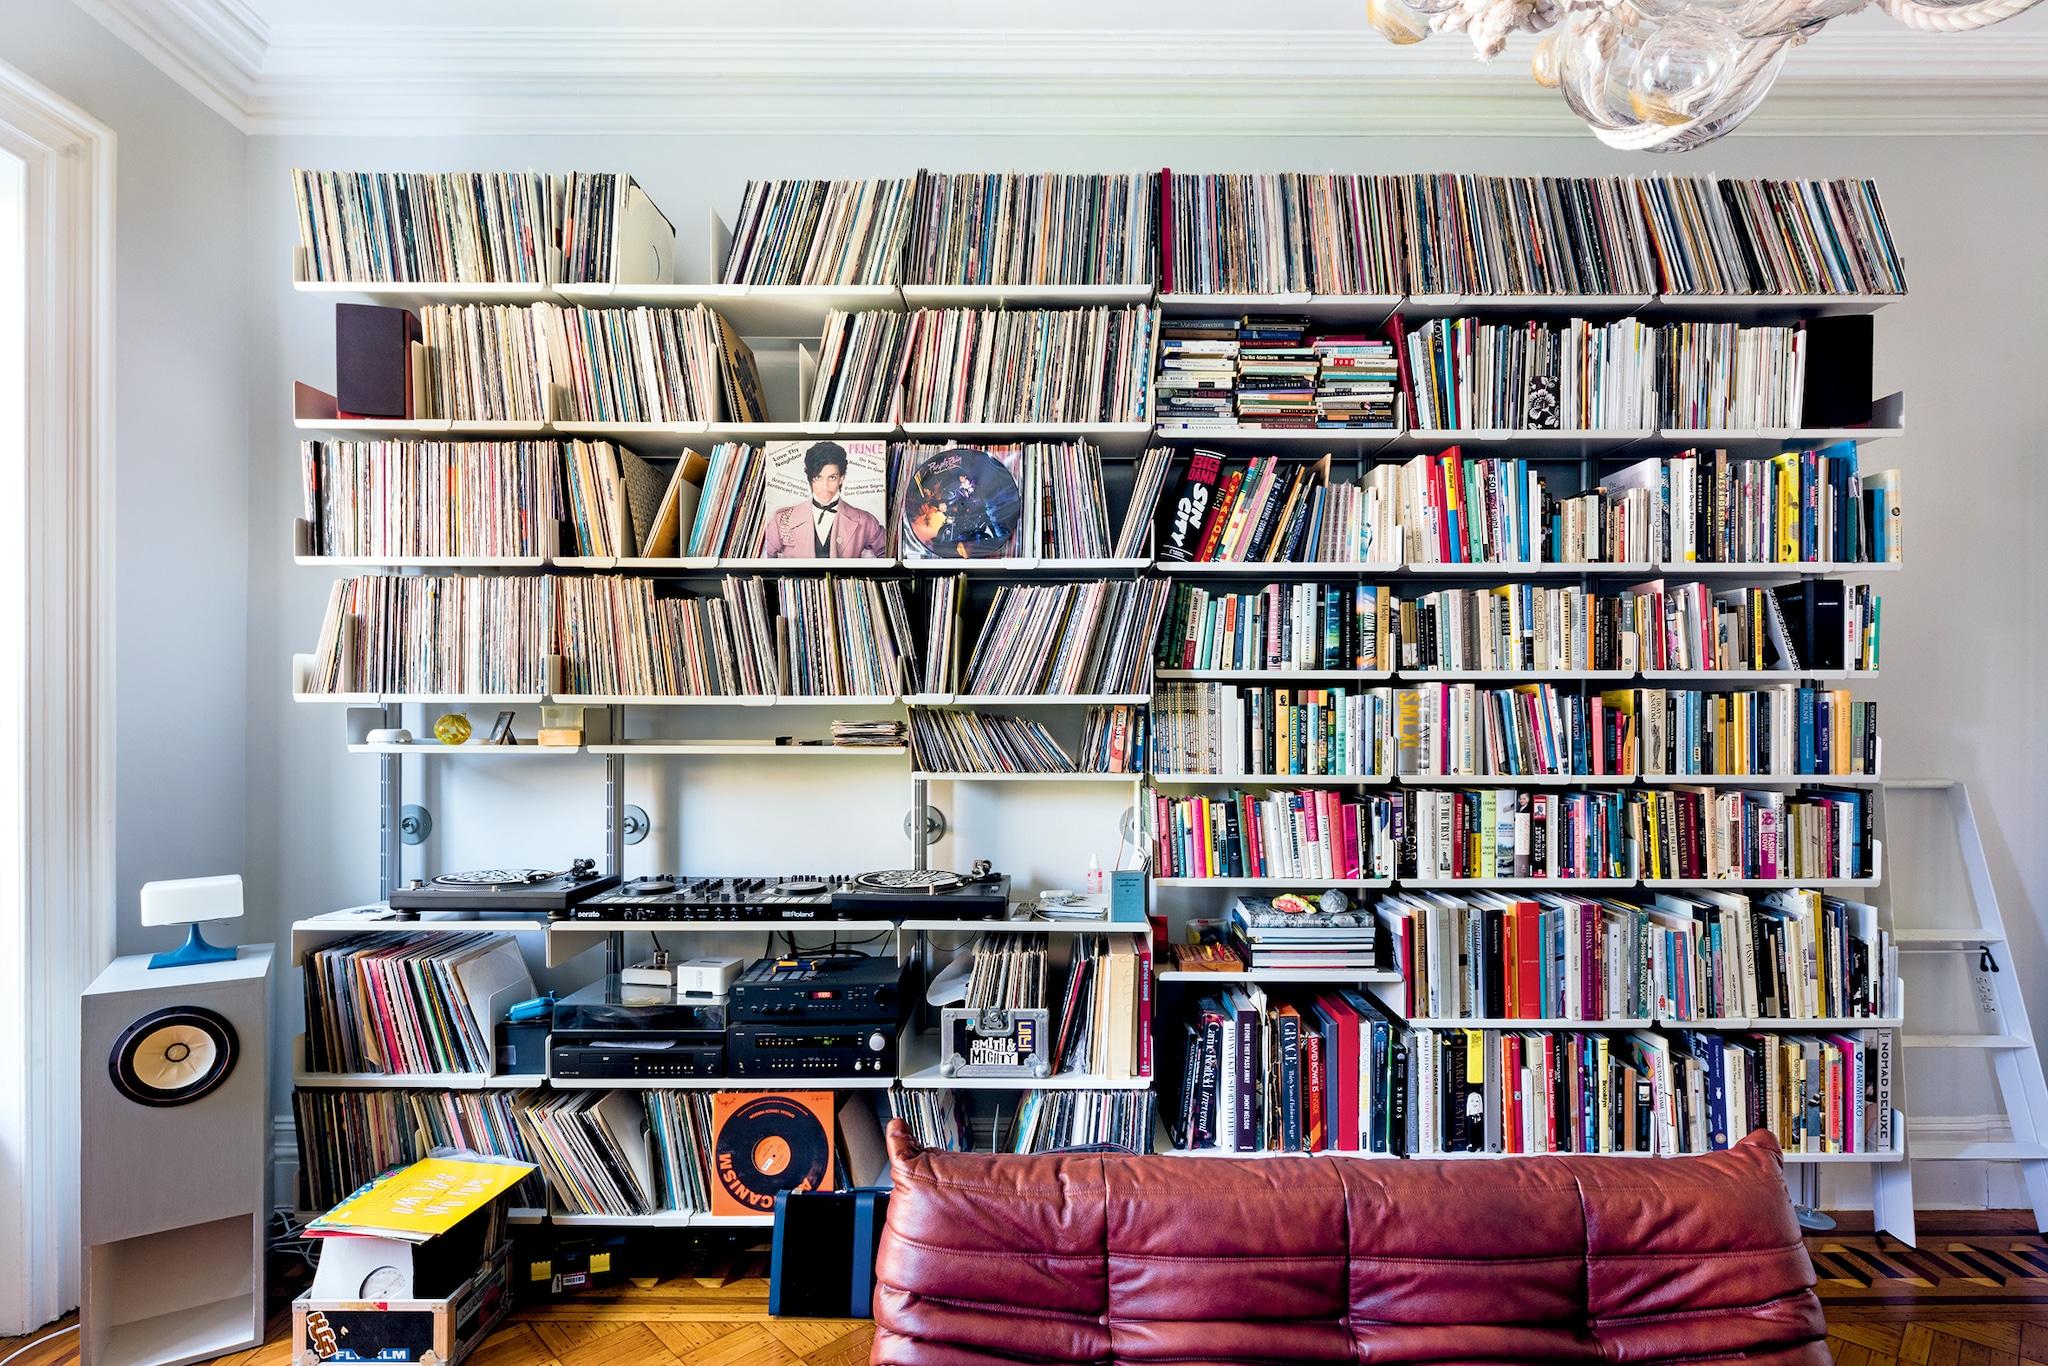 Librerie in bellavista